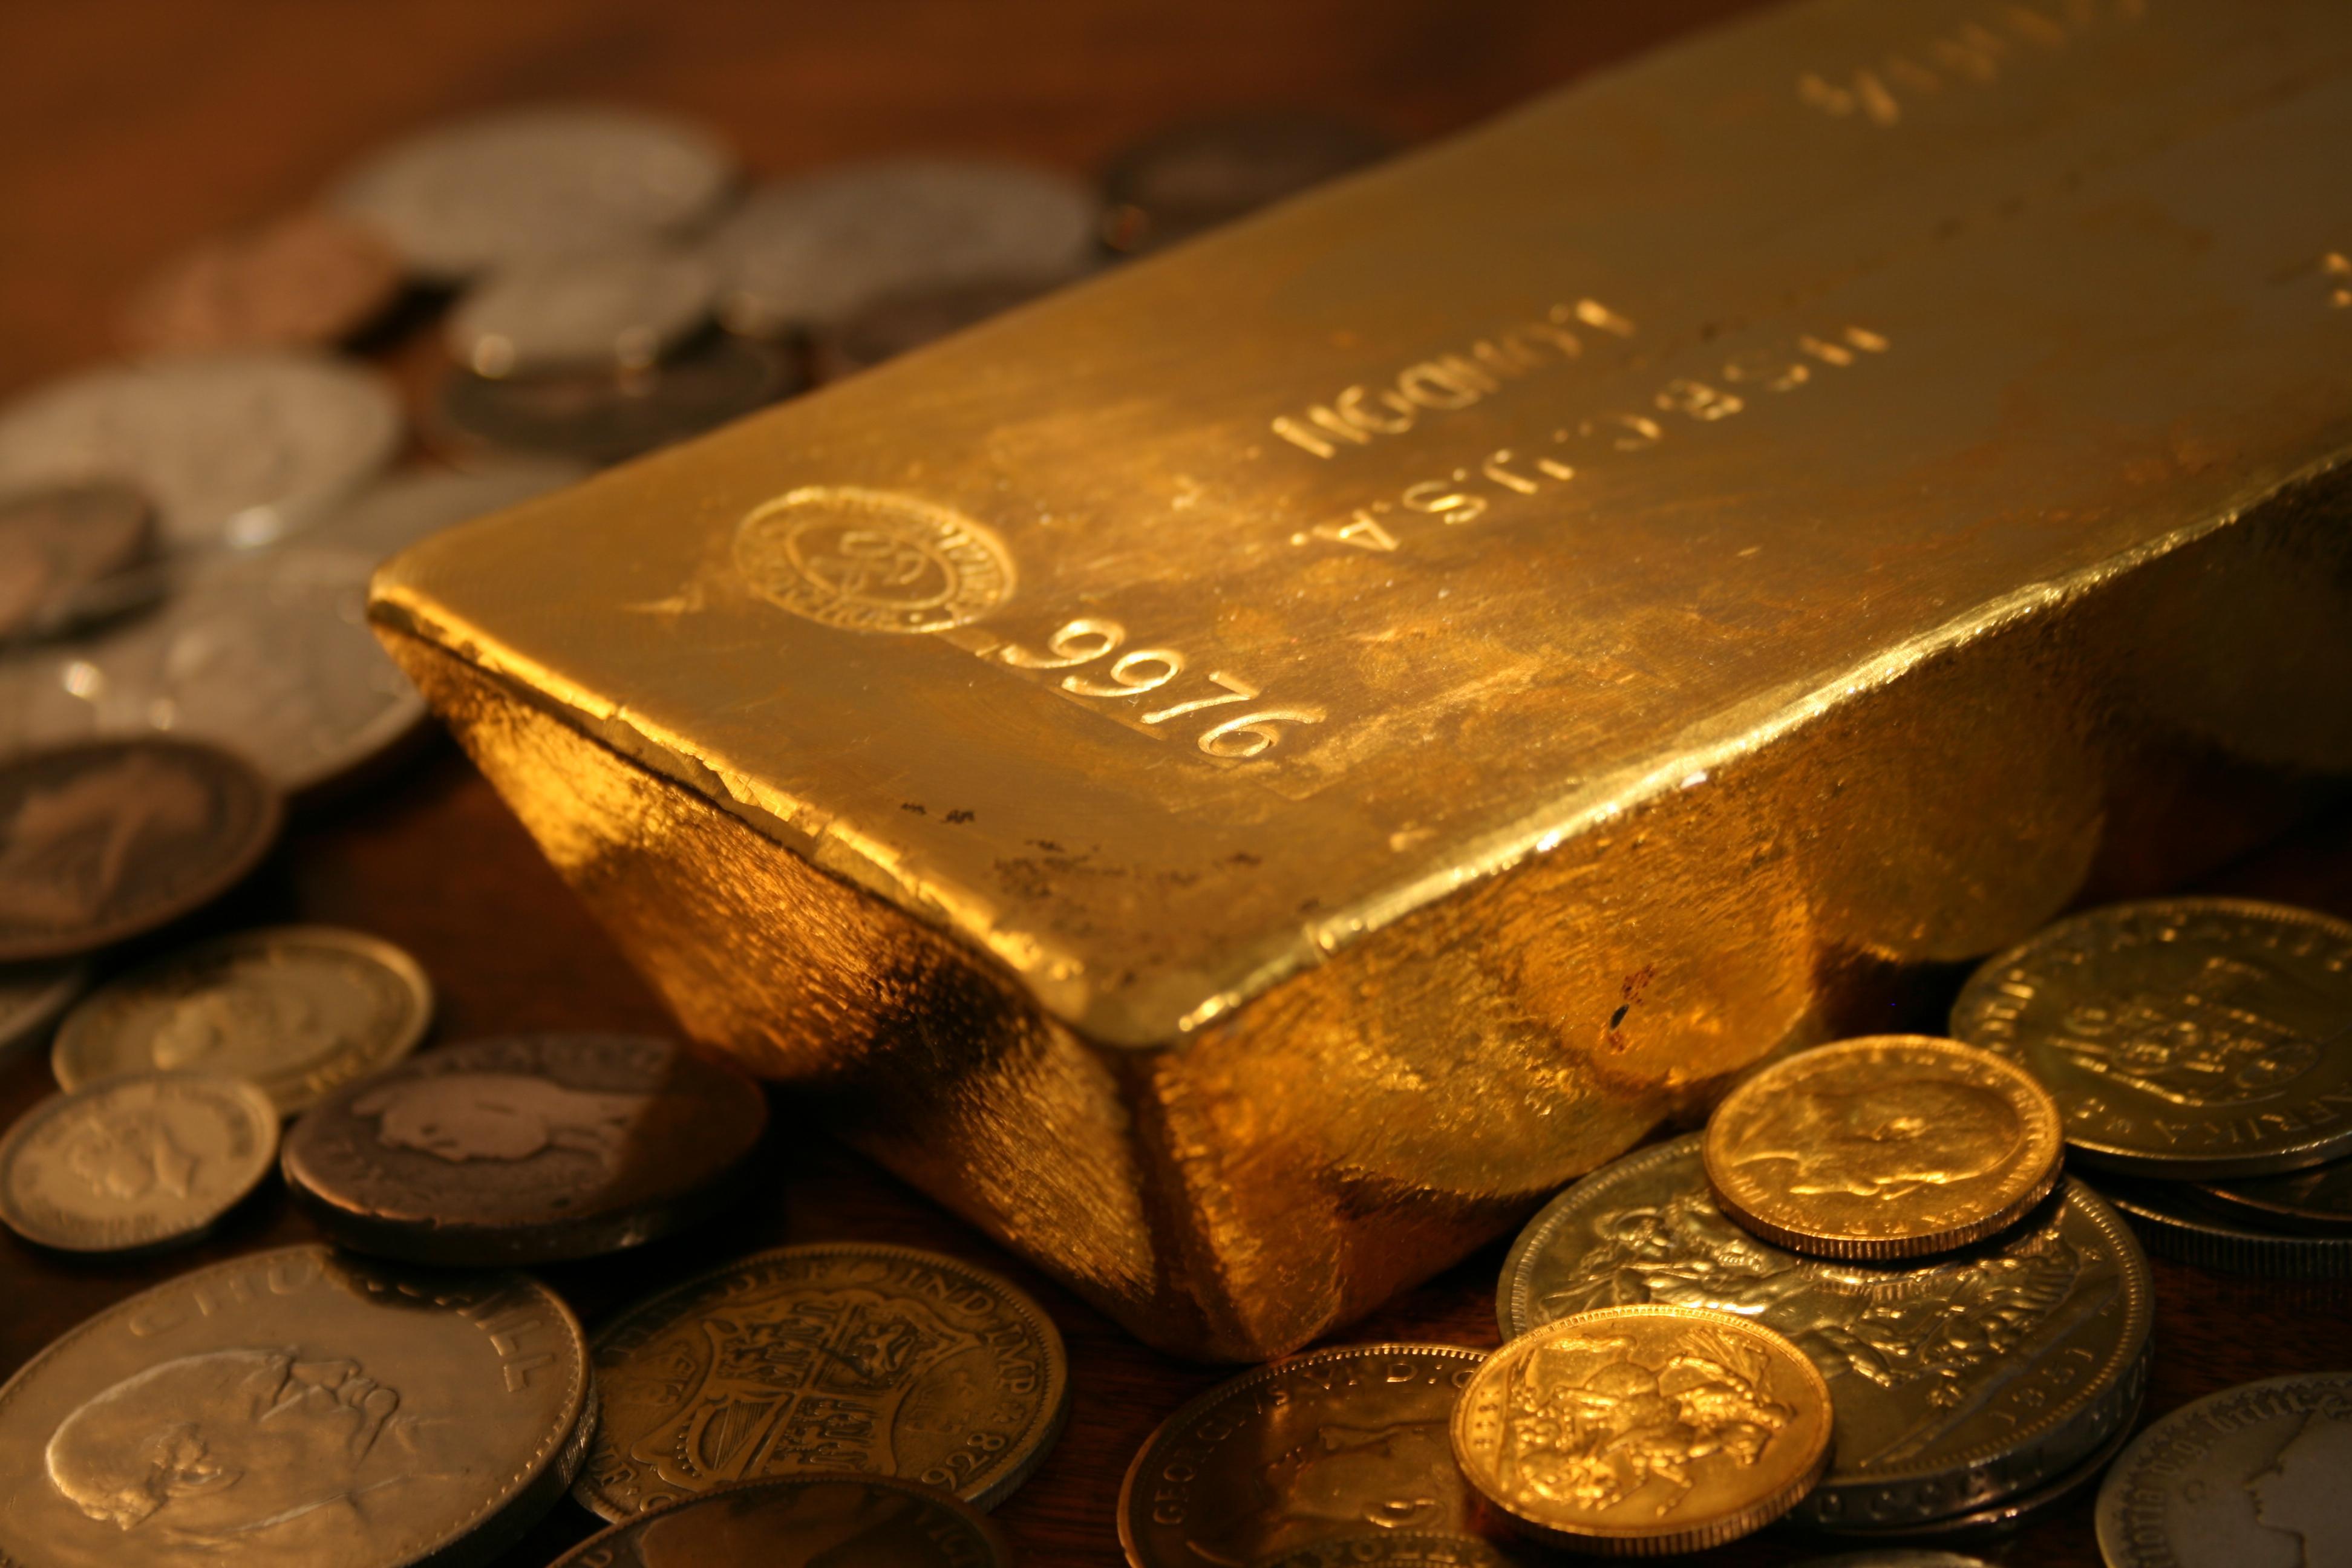 membeli-emas-untuk-investasi-masa-depan-CC